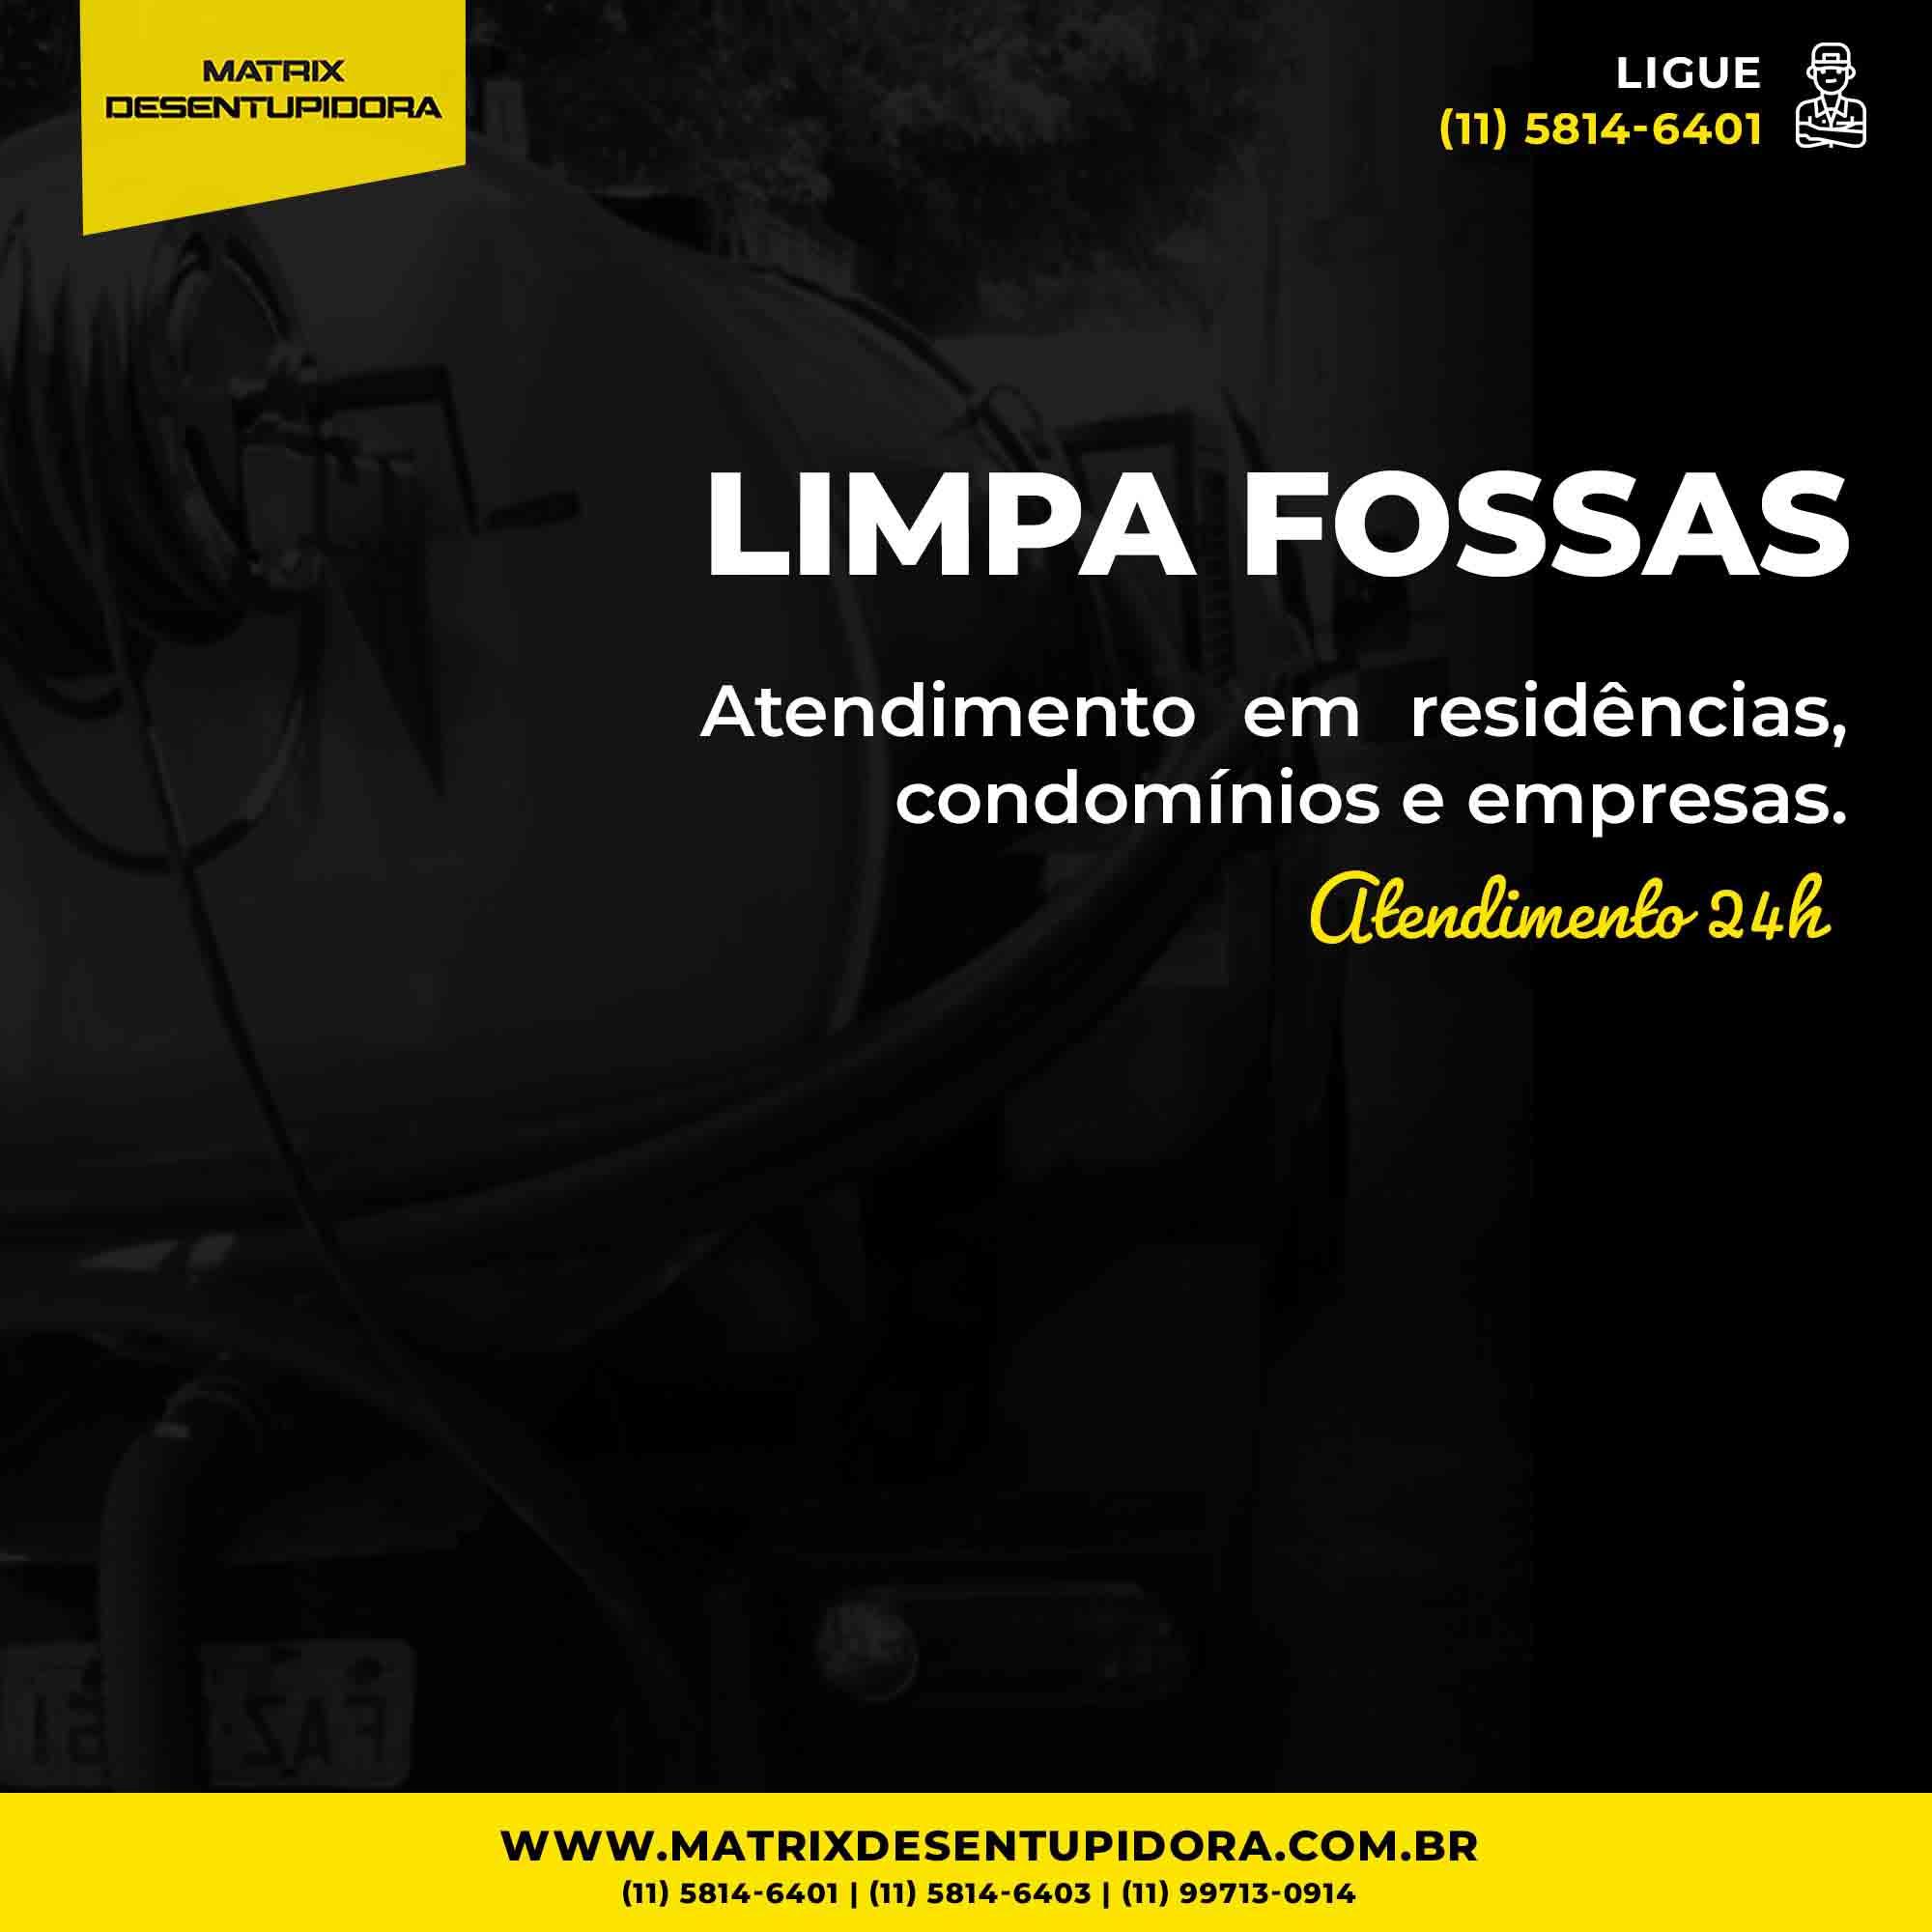 empresa desentupidora em Rio Grande da Serra